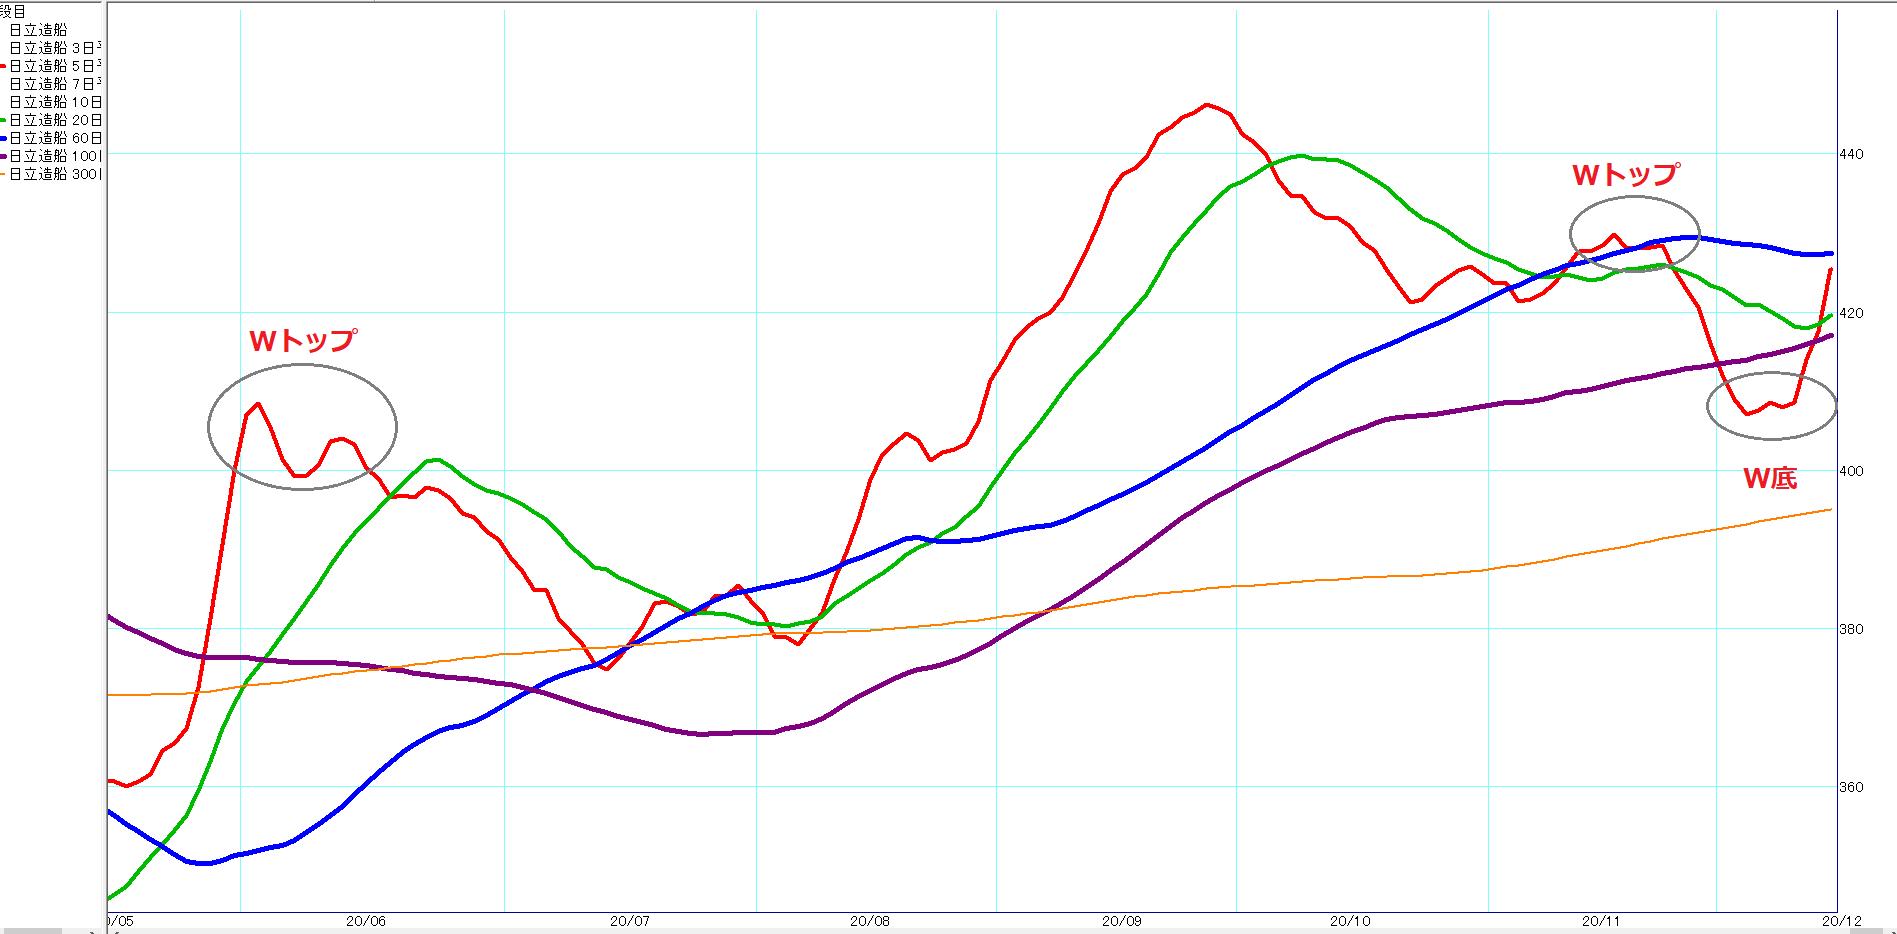 日立造船日足チャート移動平均線